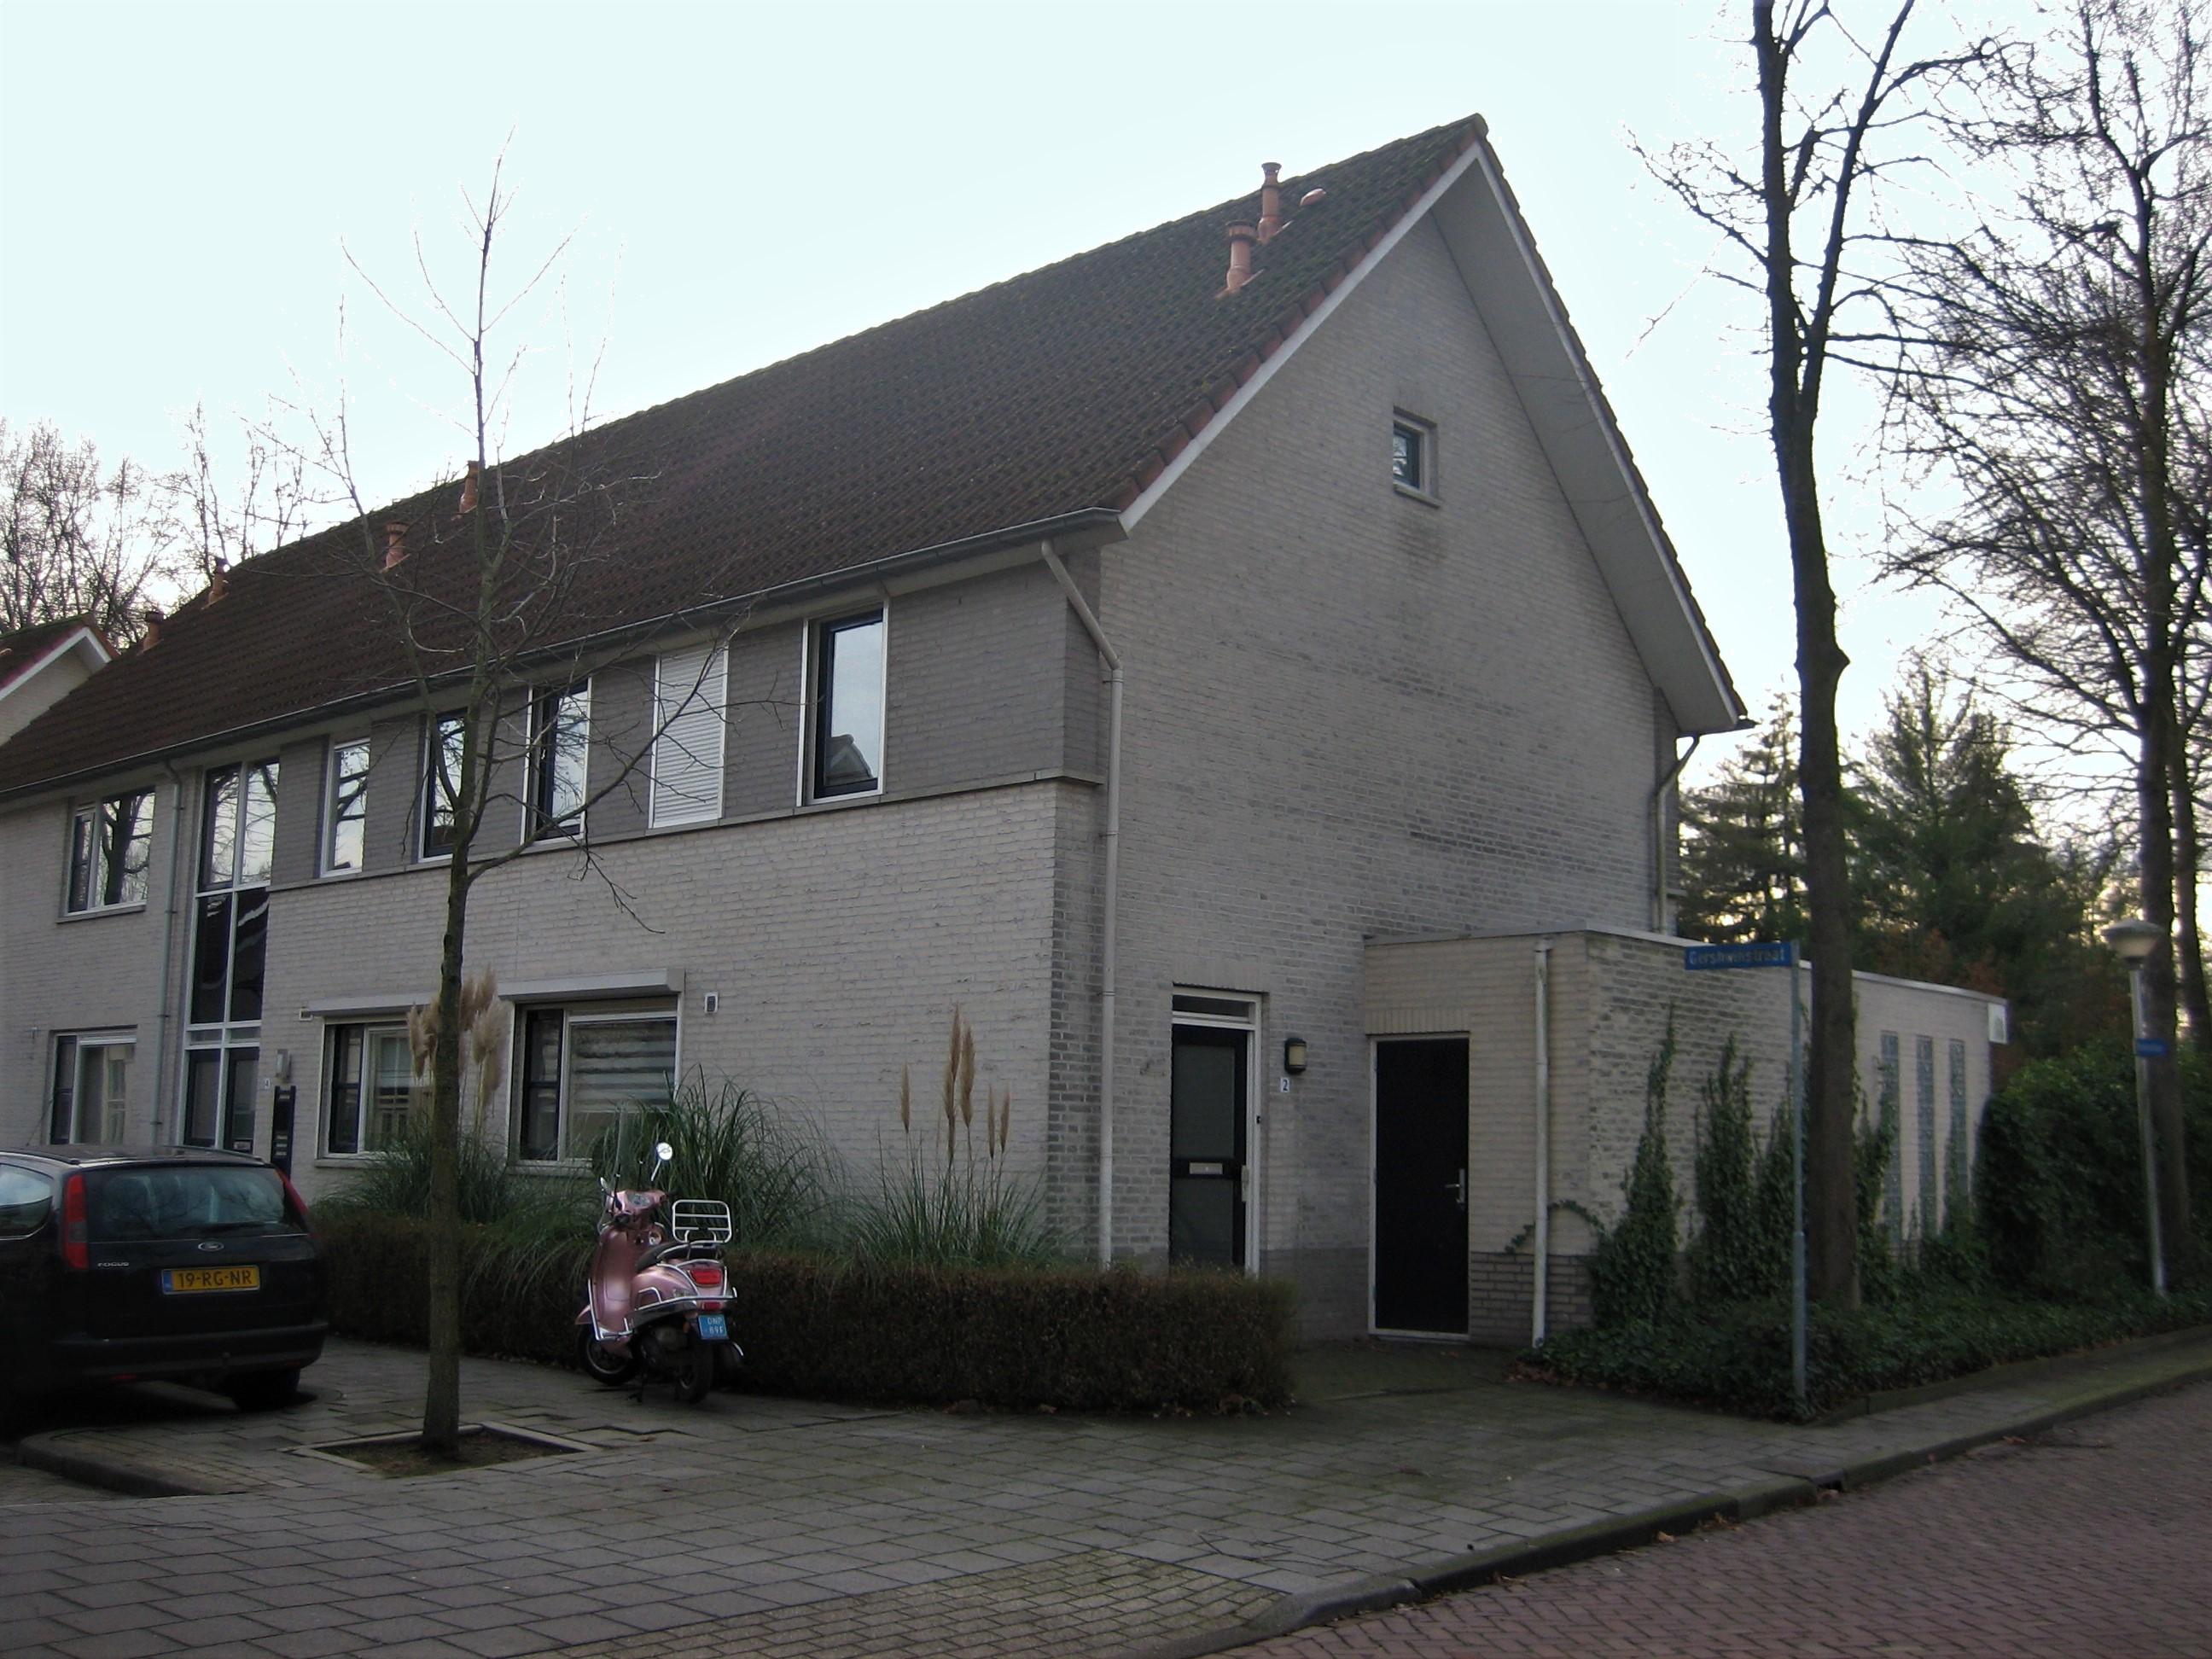 Huis verkopen aan een makelaar